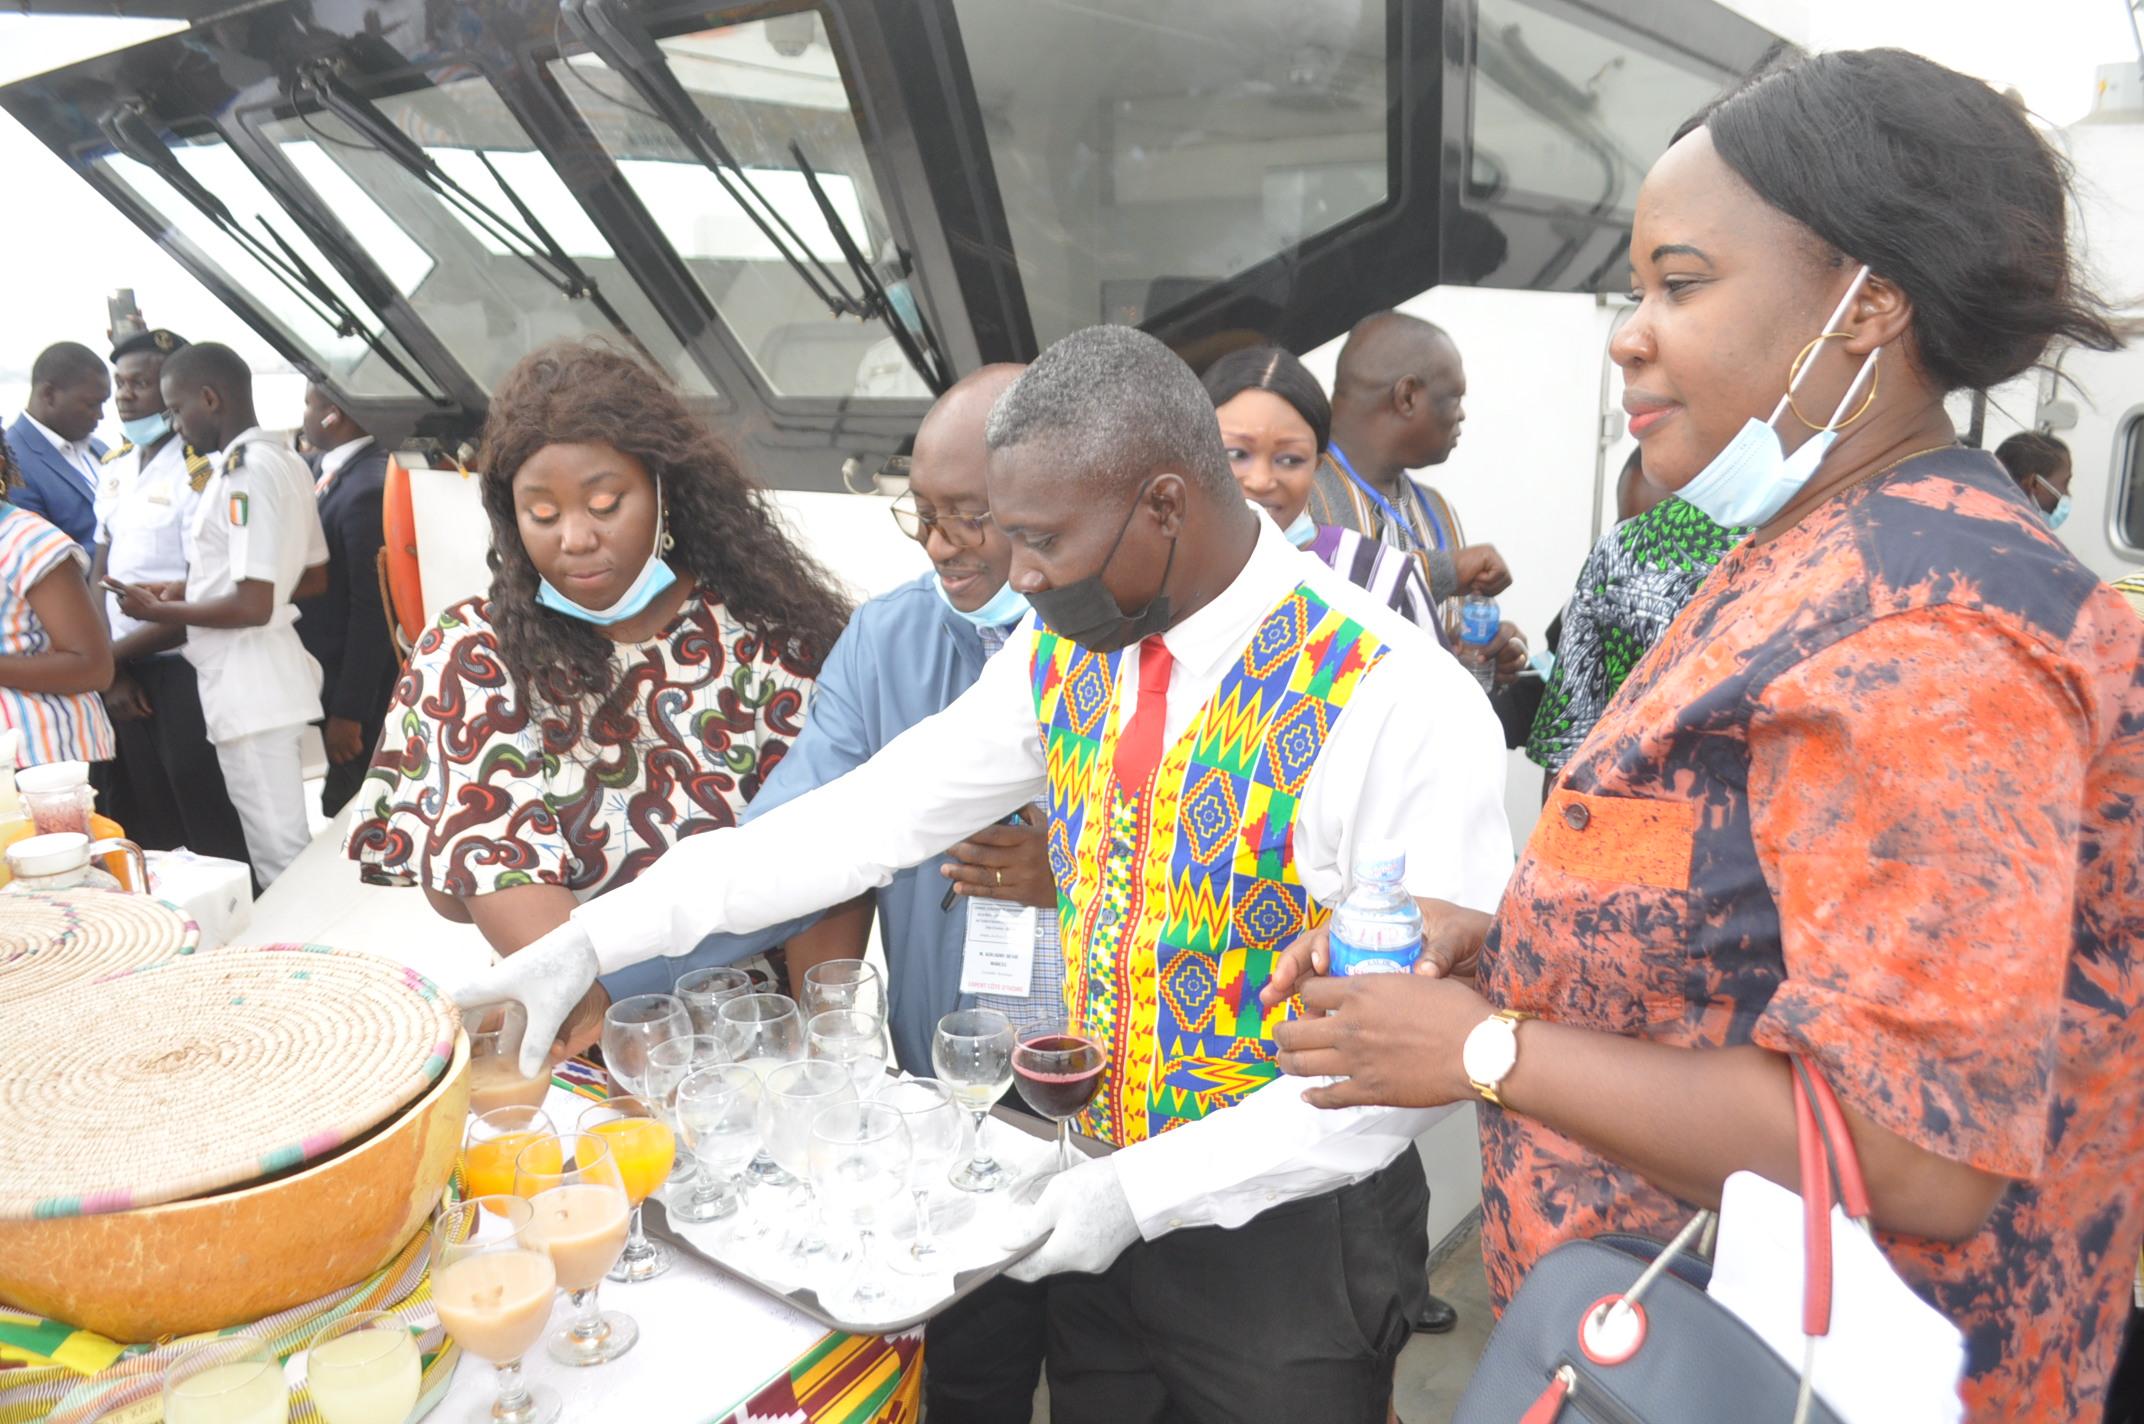 tourisme-et-cooperation-une-mini-croisiere-lagunaire-offerte-a-la-delegation-burkinabe